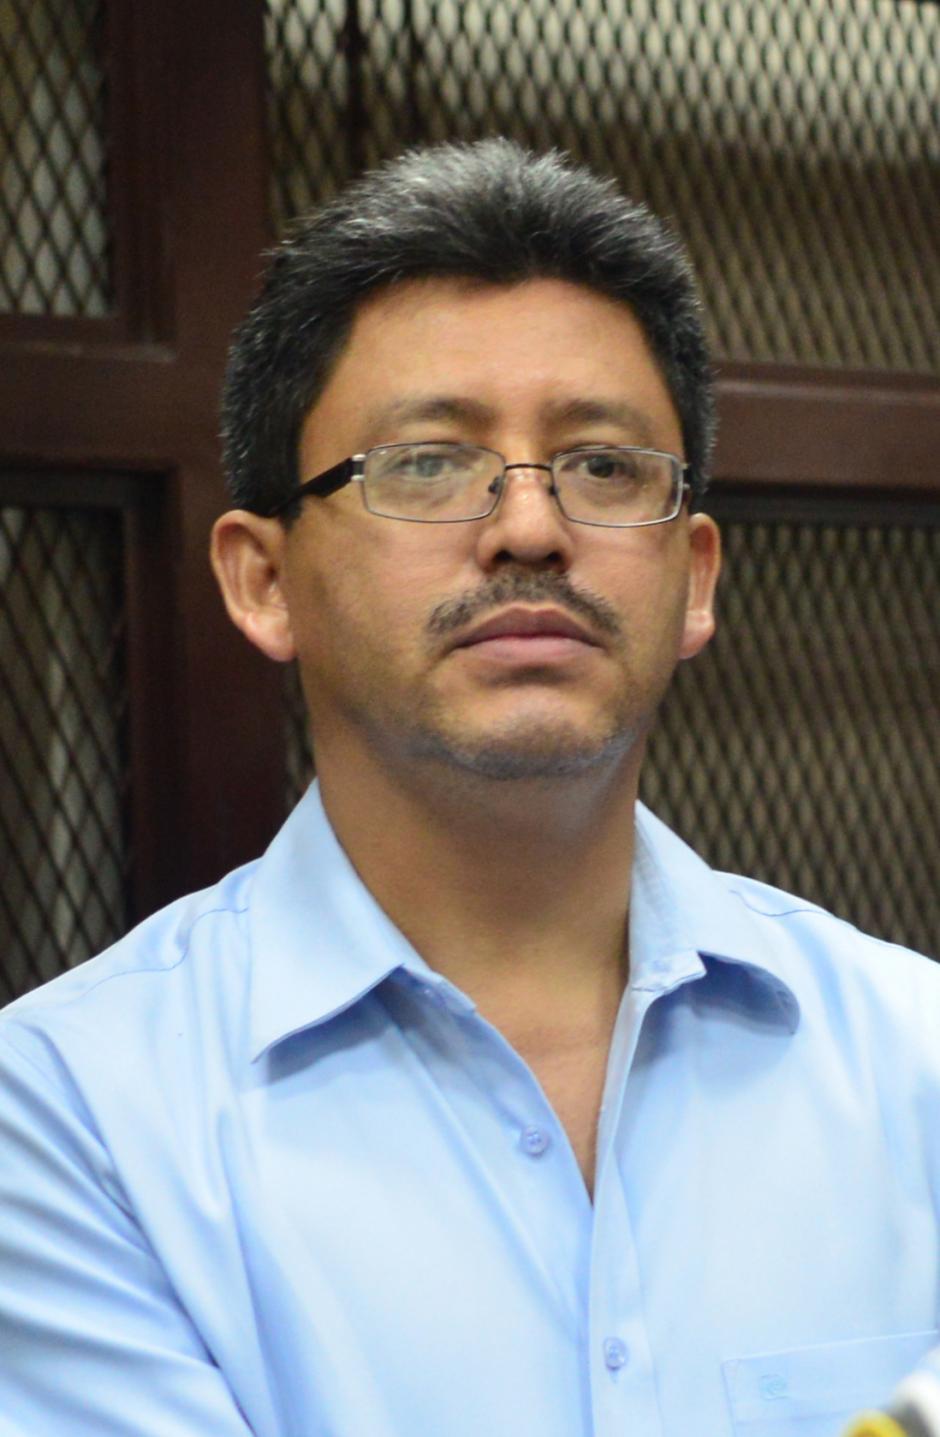 Álvaro Omar Franco Chacón se desempeñaba como jefe de la SAT cuando fue capturado. (Foto: Archivo/Soy502)